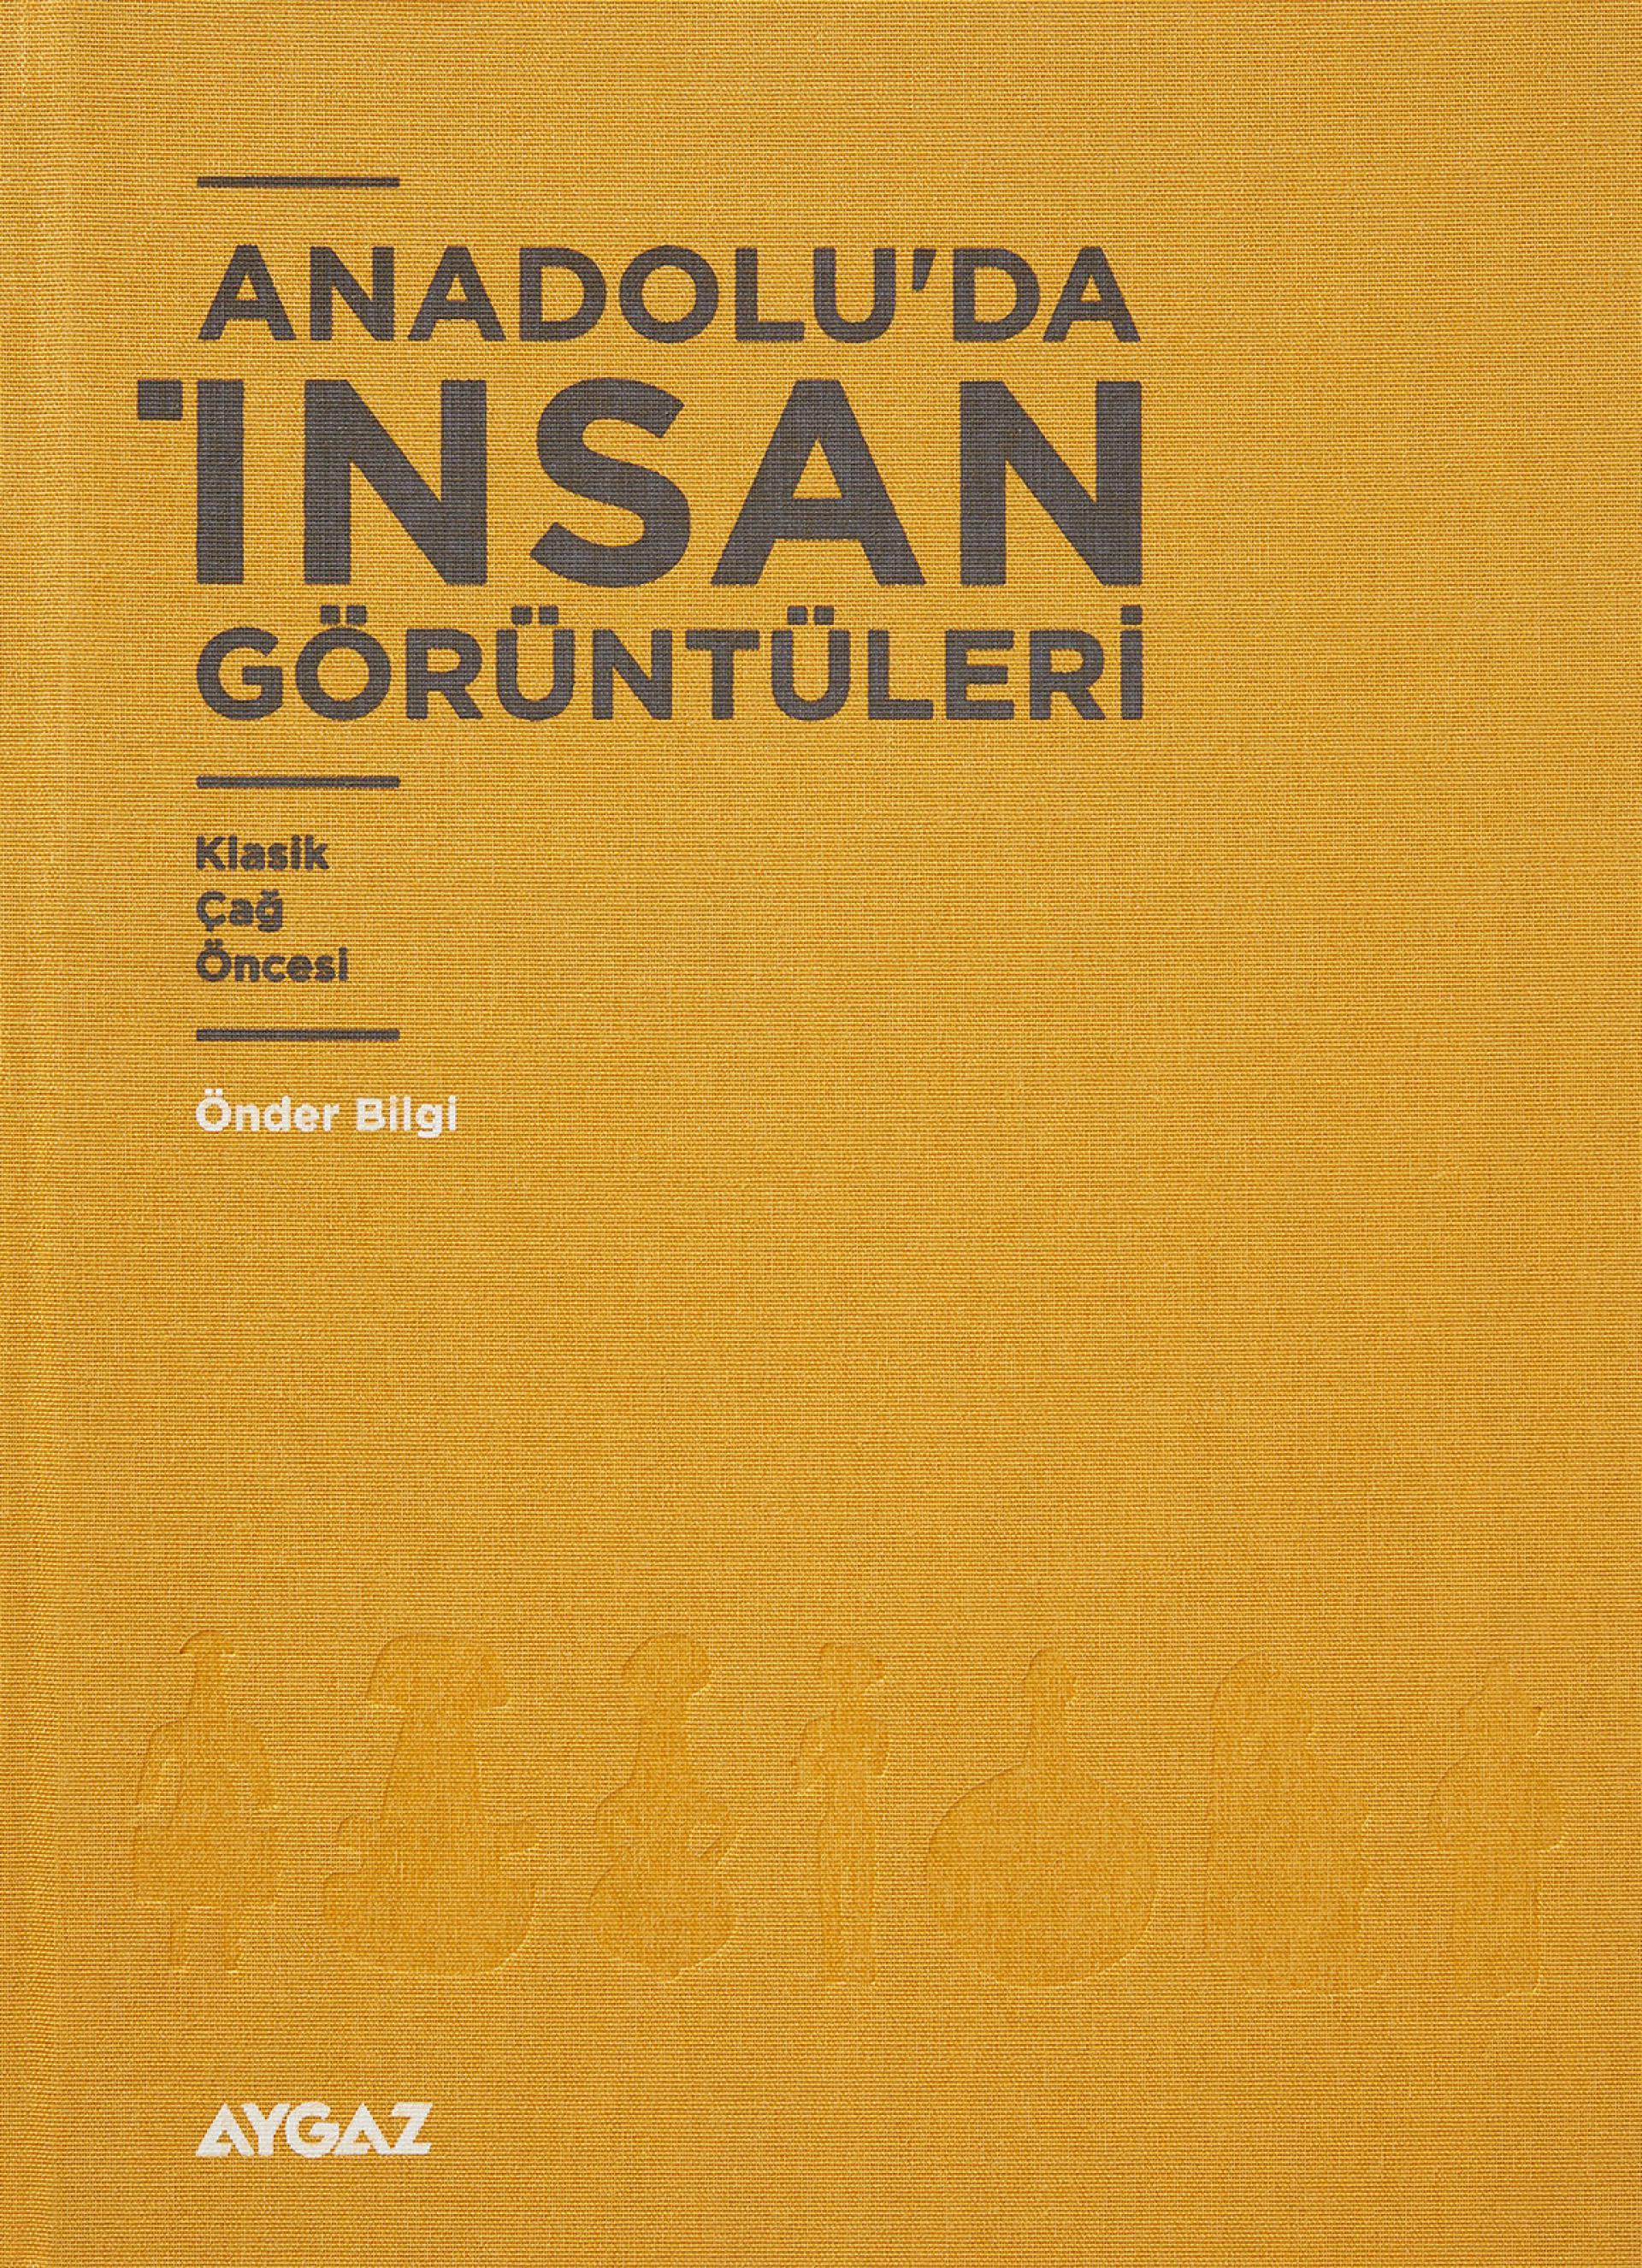 Anadolu'da İnsan Görüntüleri - BOOKS - Sadberk Hanım Museum